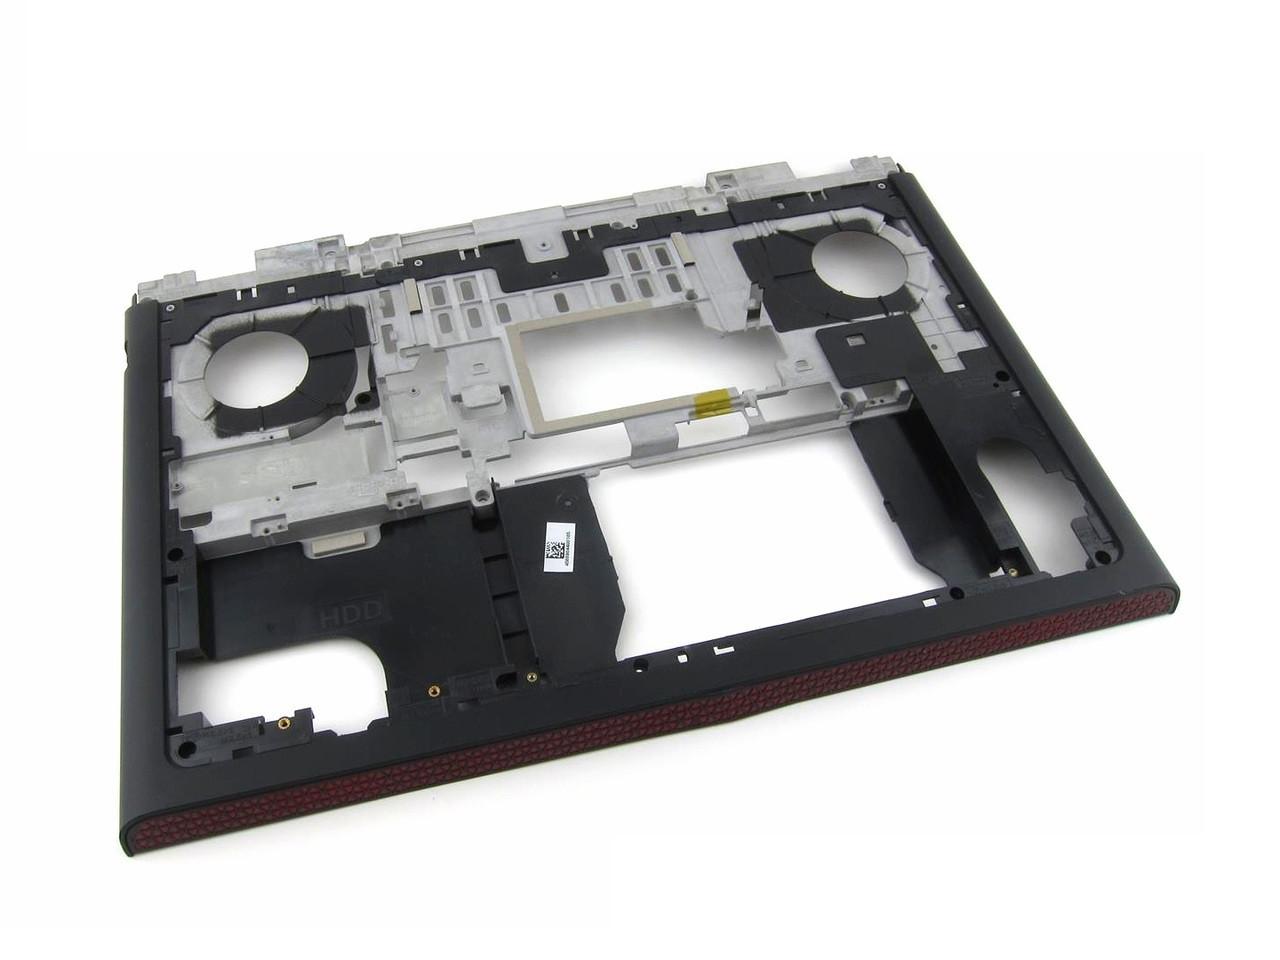 Dell Inspiron 15 7567 Laptop Bottom Base Assembly - DYXTD